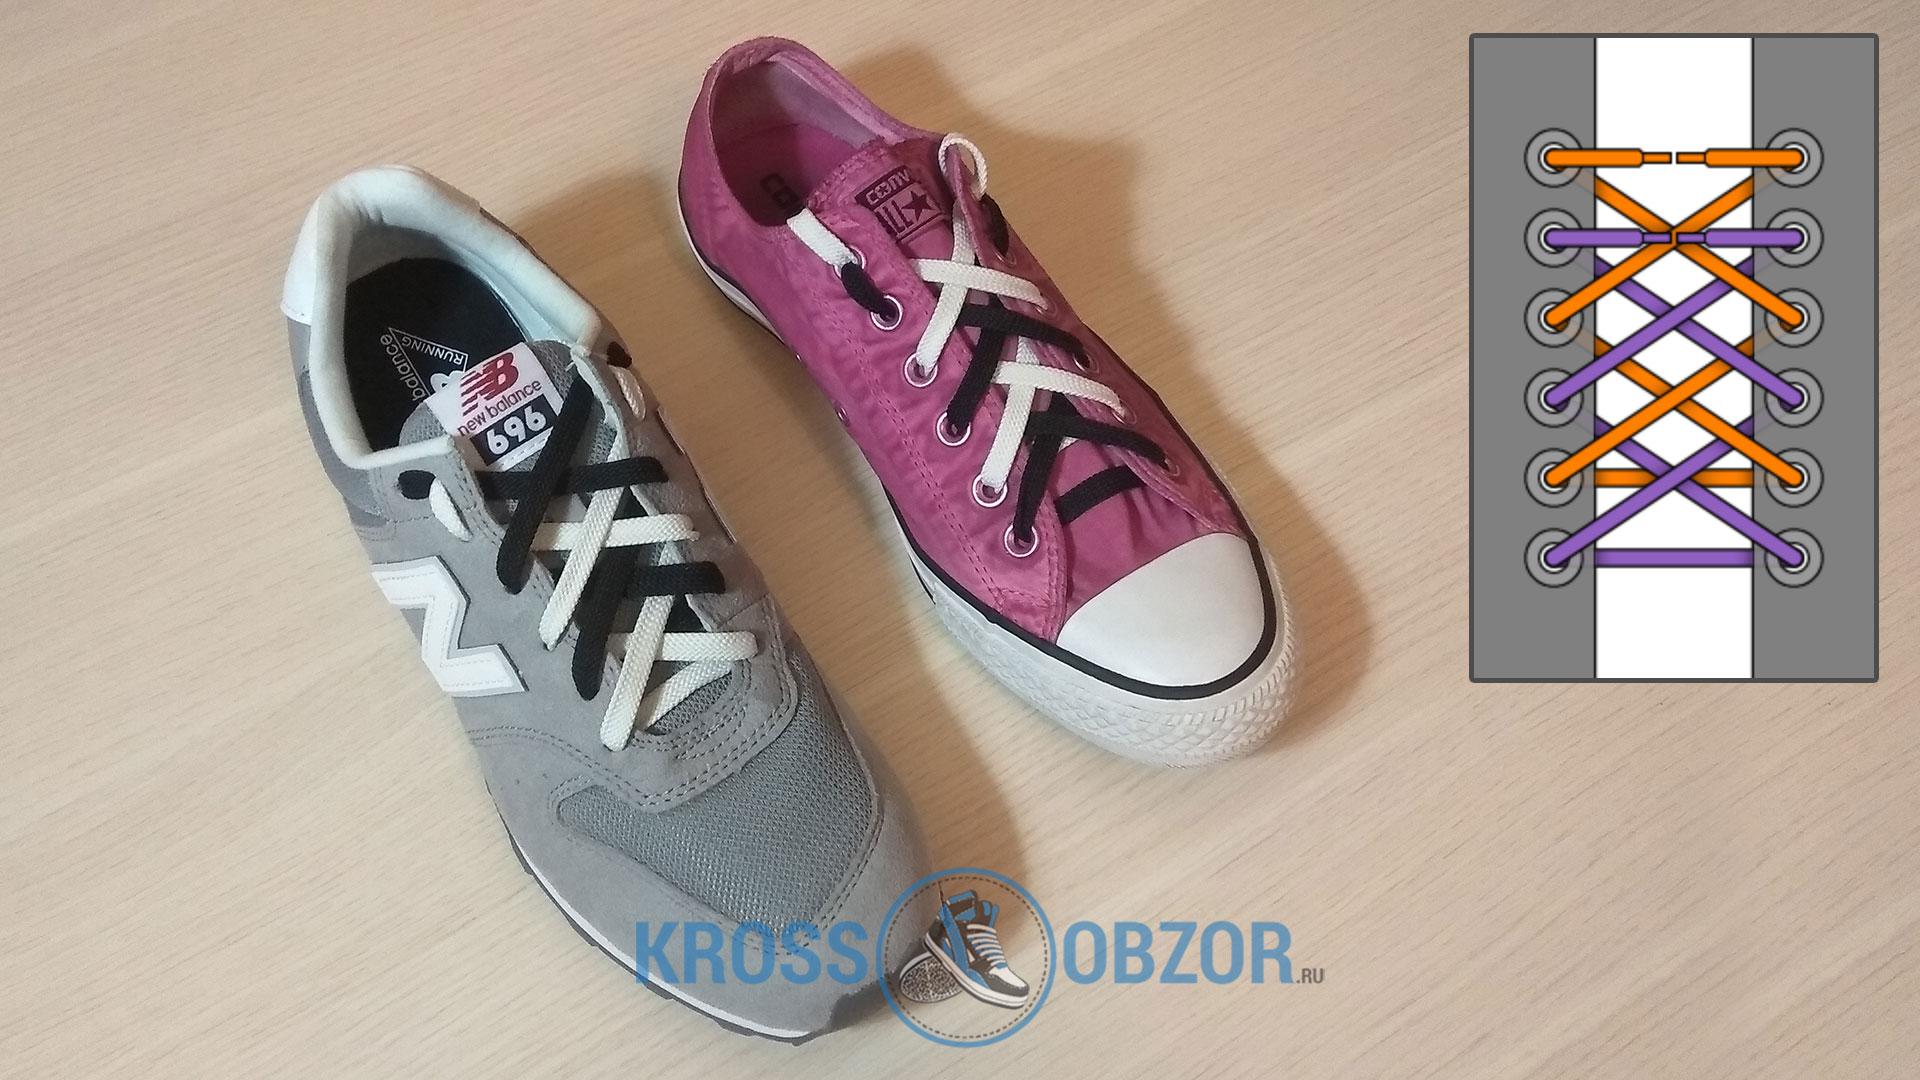 Двойная двухцветная шнуровка для кроссовок и кед